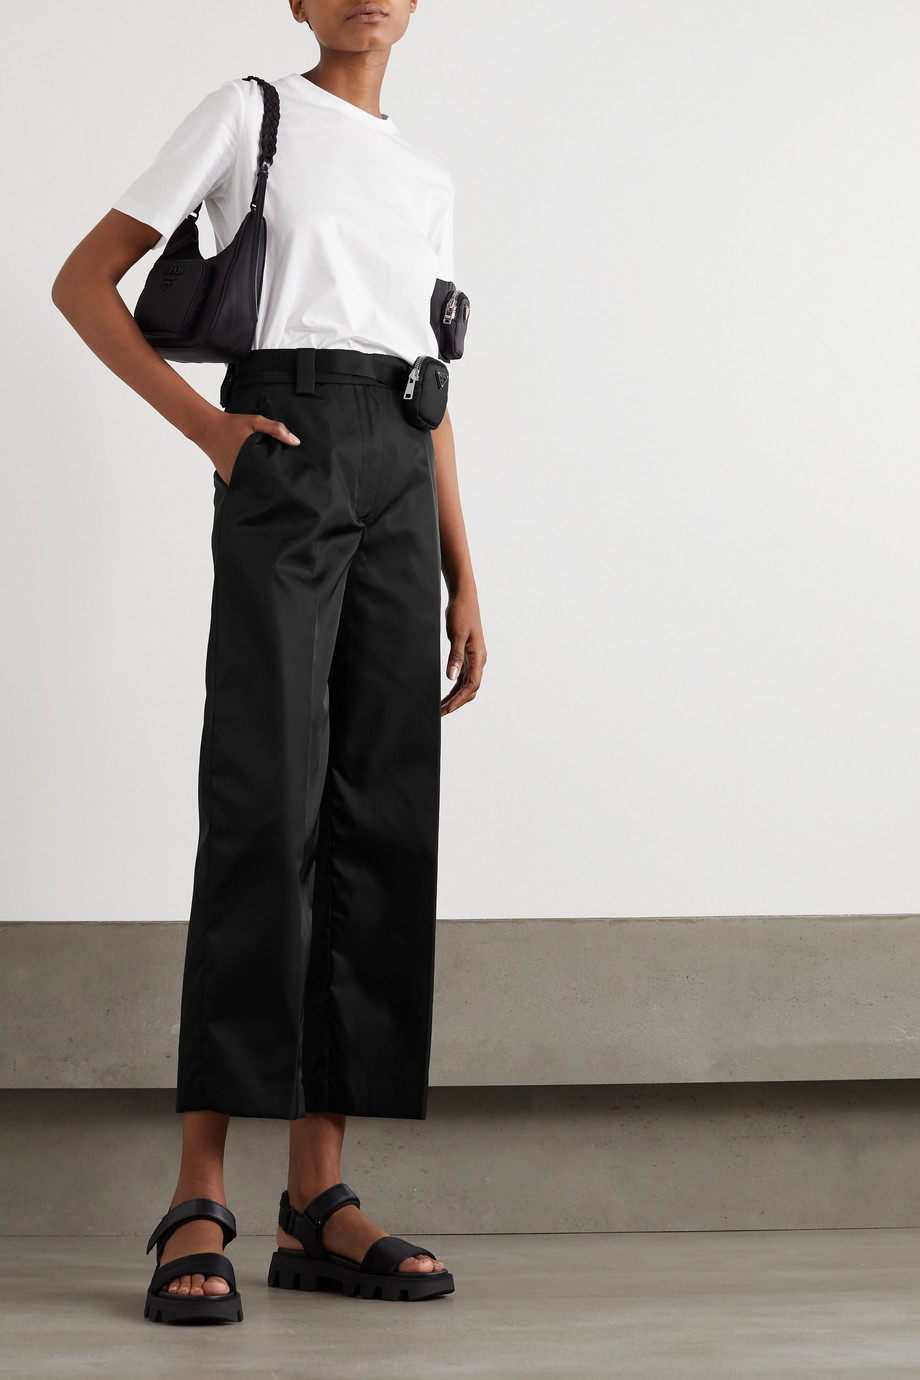 Prada Verzierte Hose mit geradem Bein aus Nylon mit Gürtel